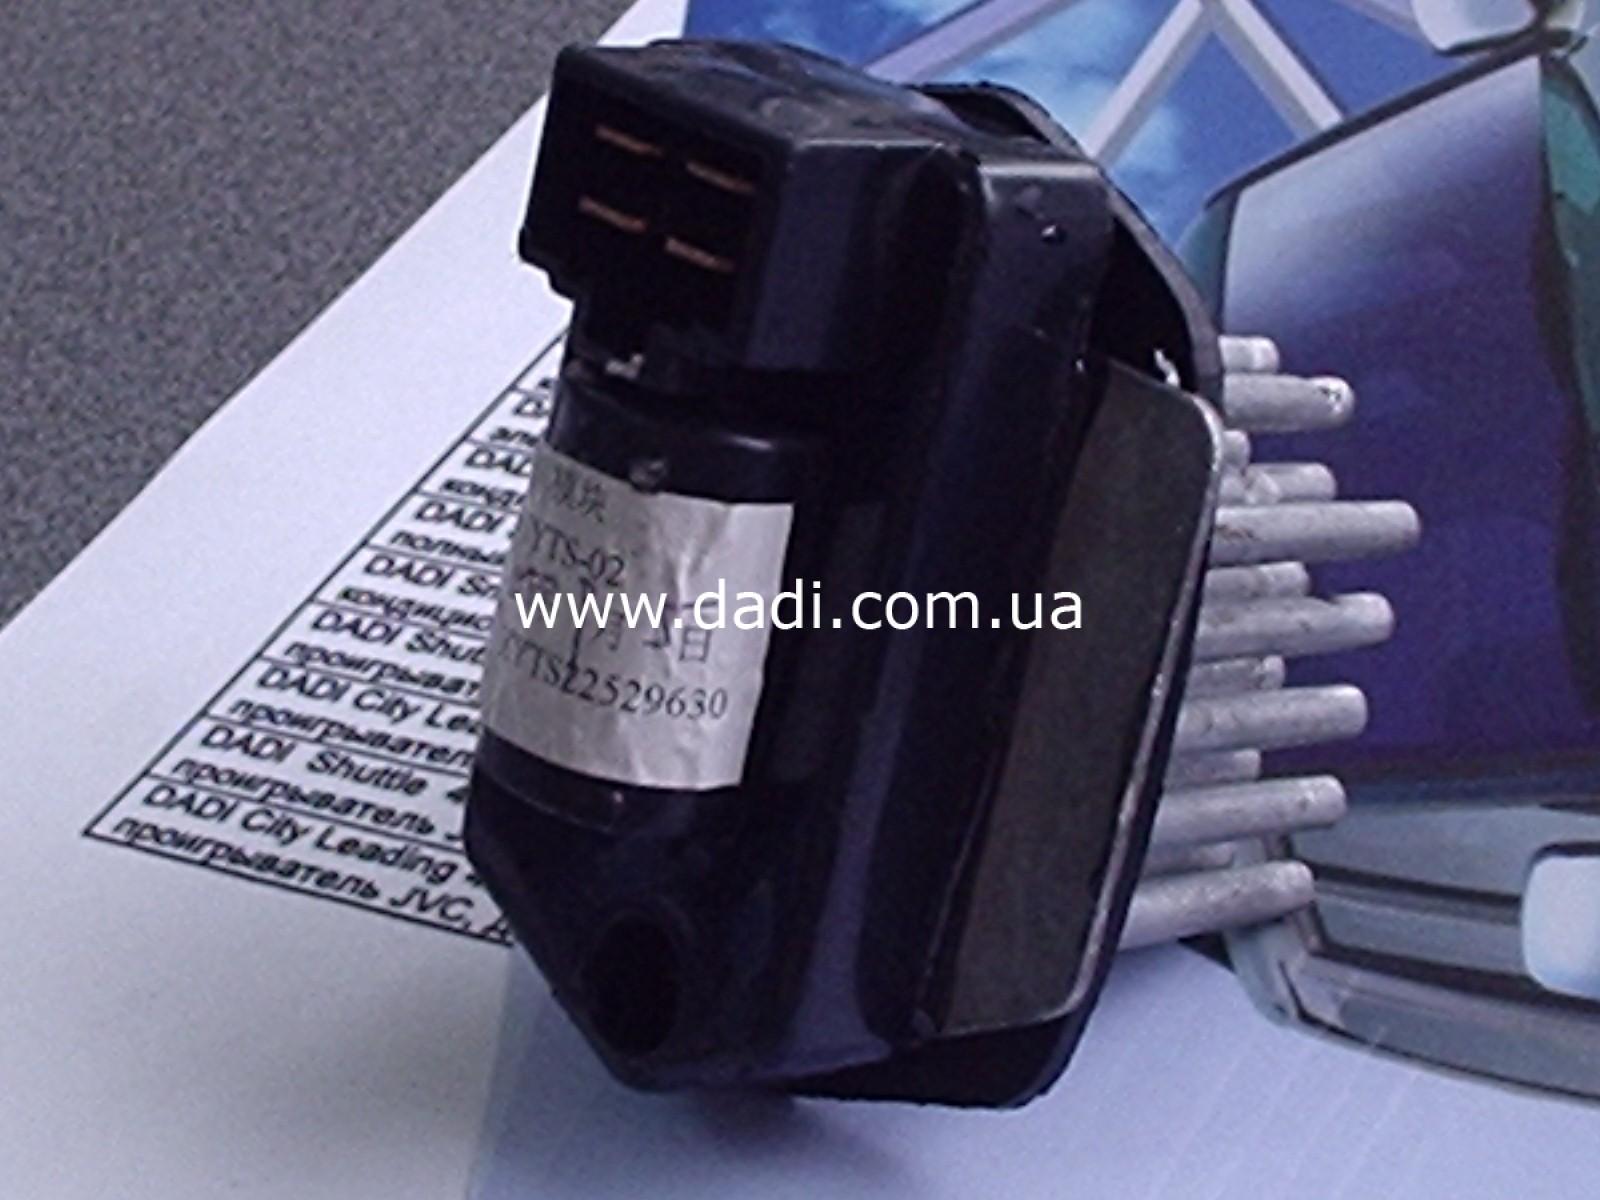 Терморегулятор обертів вентилятора обігрівача (клімат)/ терморегулятор оборотов вентилятора печки-506